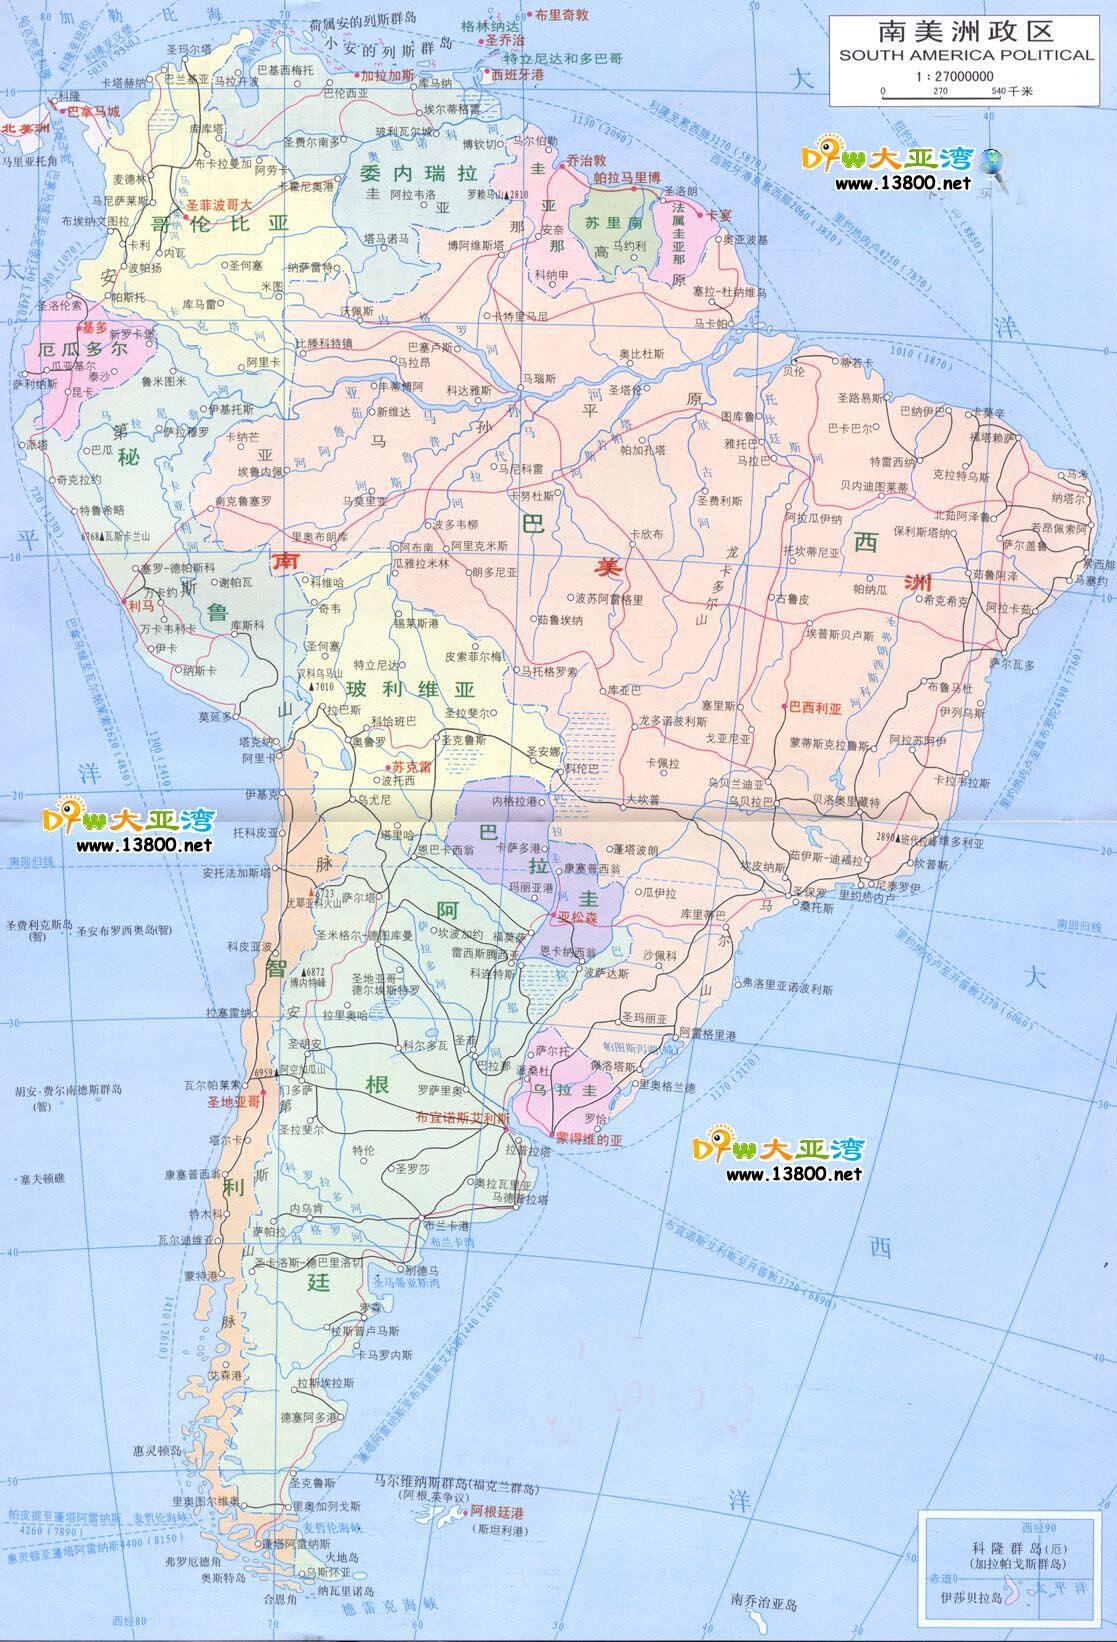 南美洲地图_南美洲地图库_地图窝图片